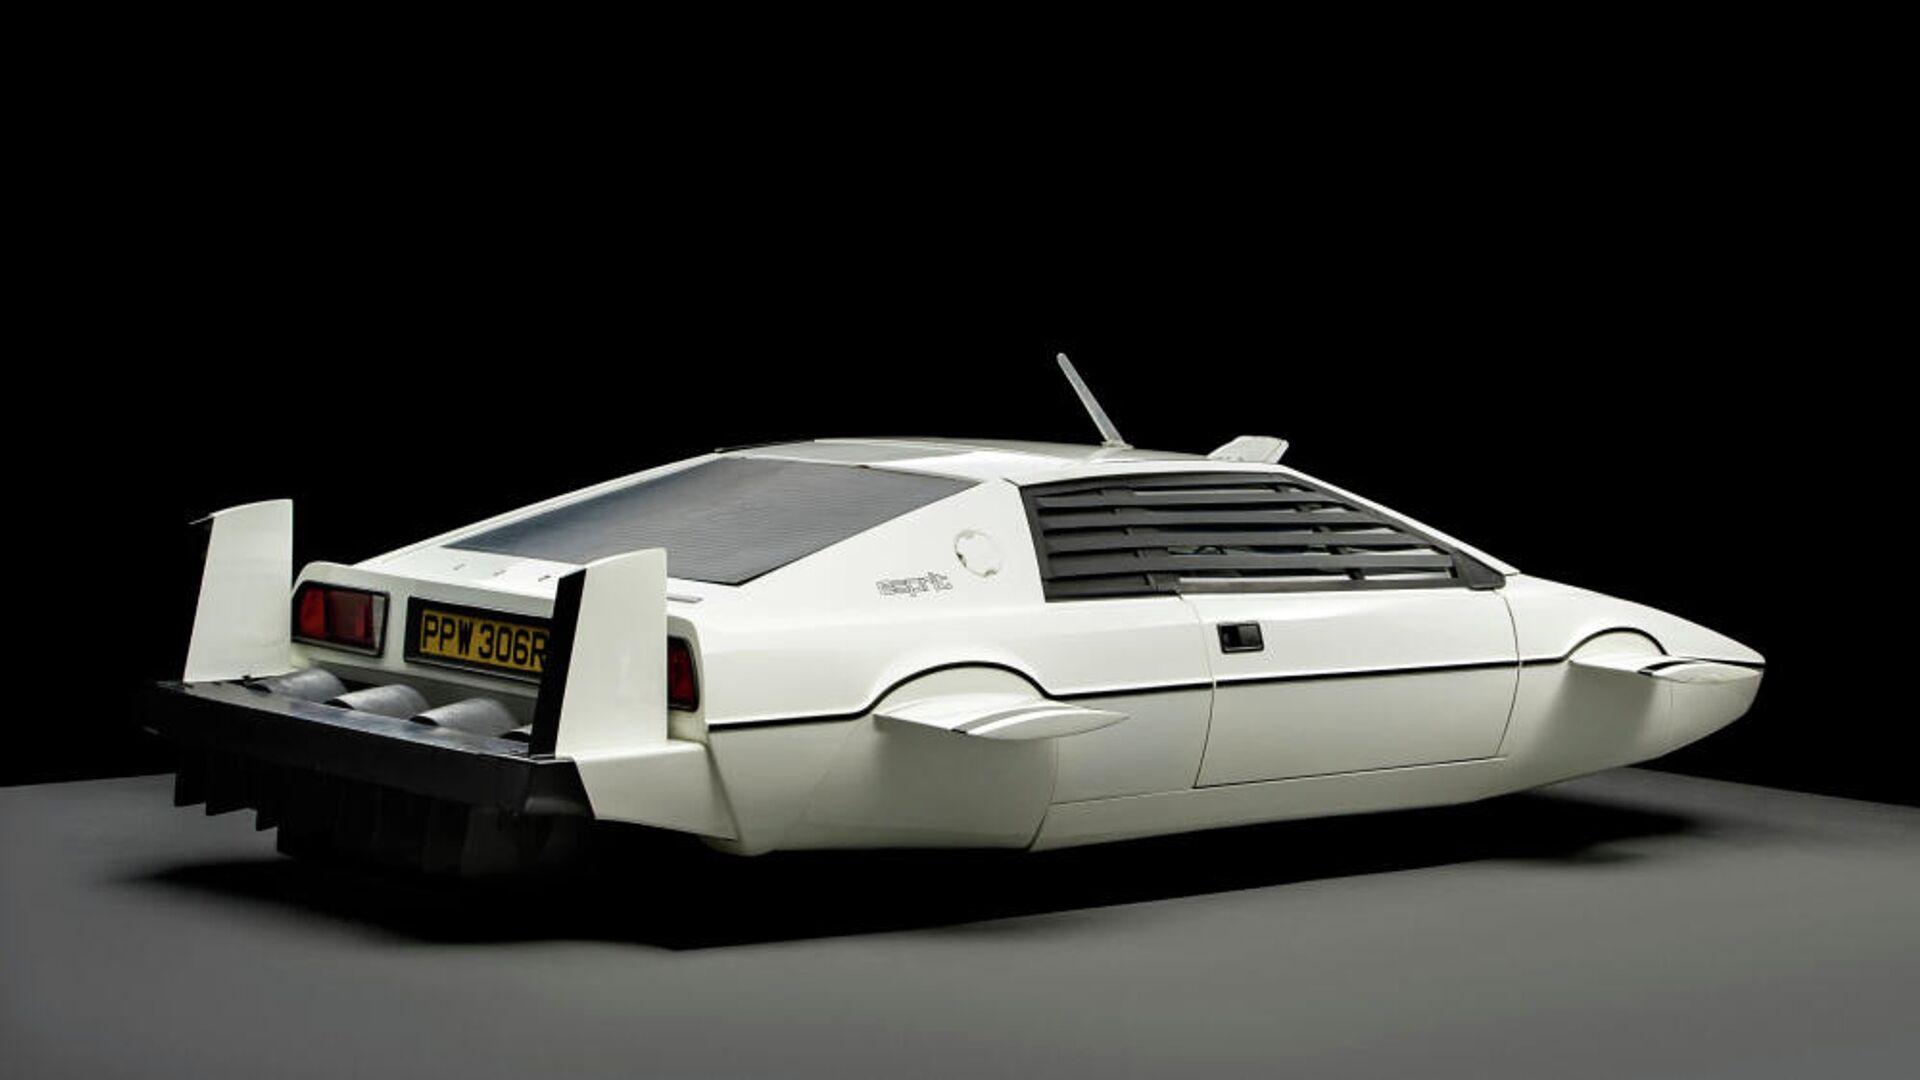 Μια Lotus Esprit S1 του 1977 όπως εμφανίστηκε στην ταινία Τζέιμς Μποντ: Η Κατάσκοπος που με Αγάπησε - Sputnik Ελλάδα, 1920, 07.10.2021